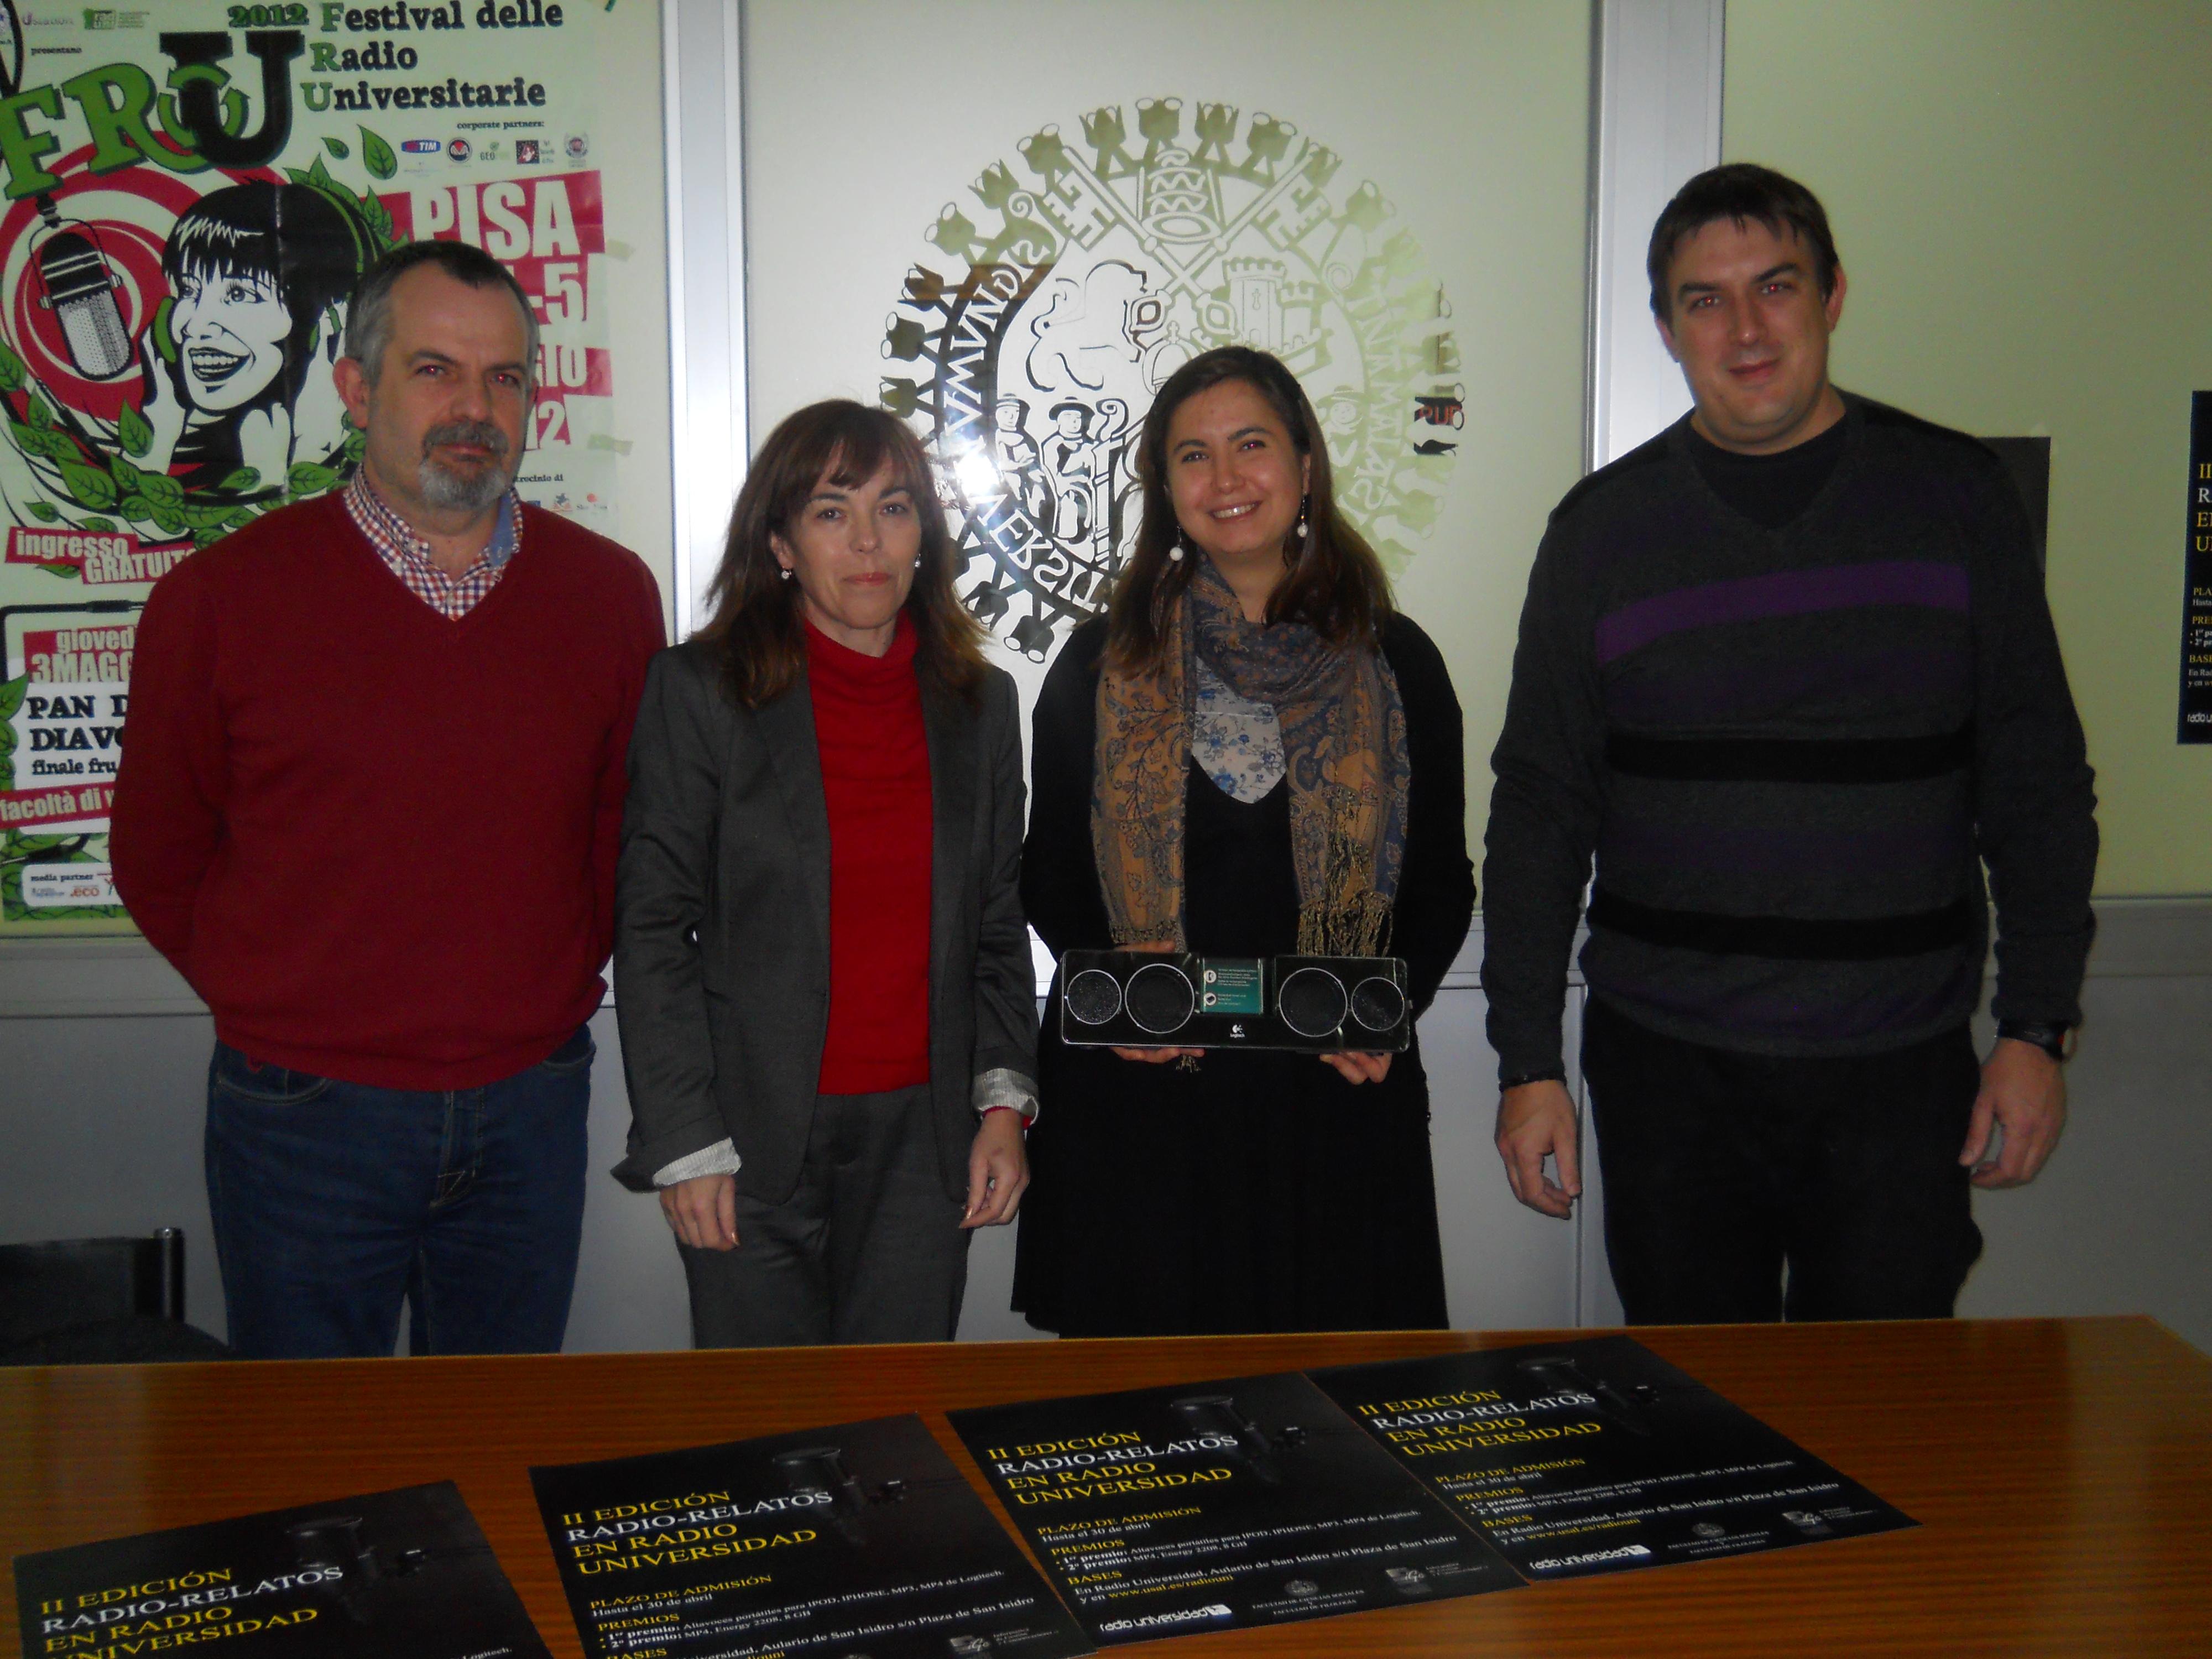 Una alumna de Bellas Artes se convierte en la ganadora de la segunda edición del concurso de relatos radiofónicos de Radio Universidad